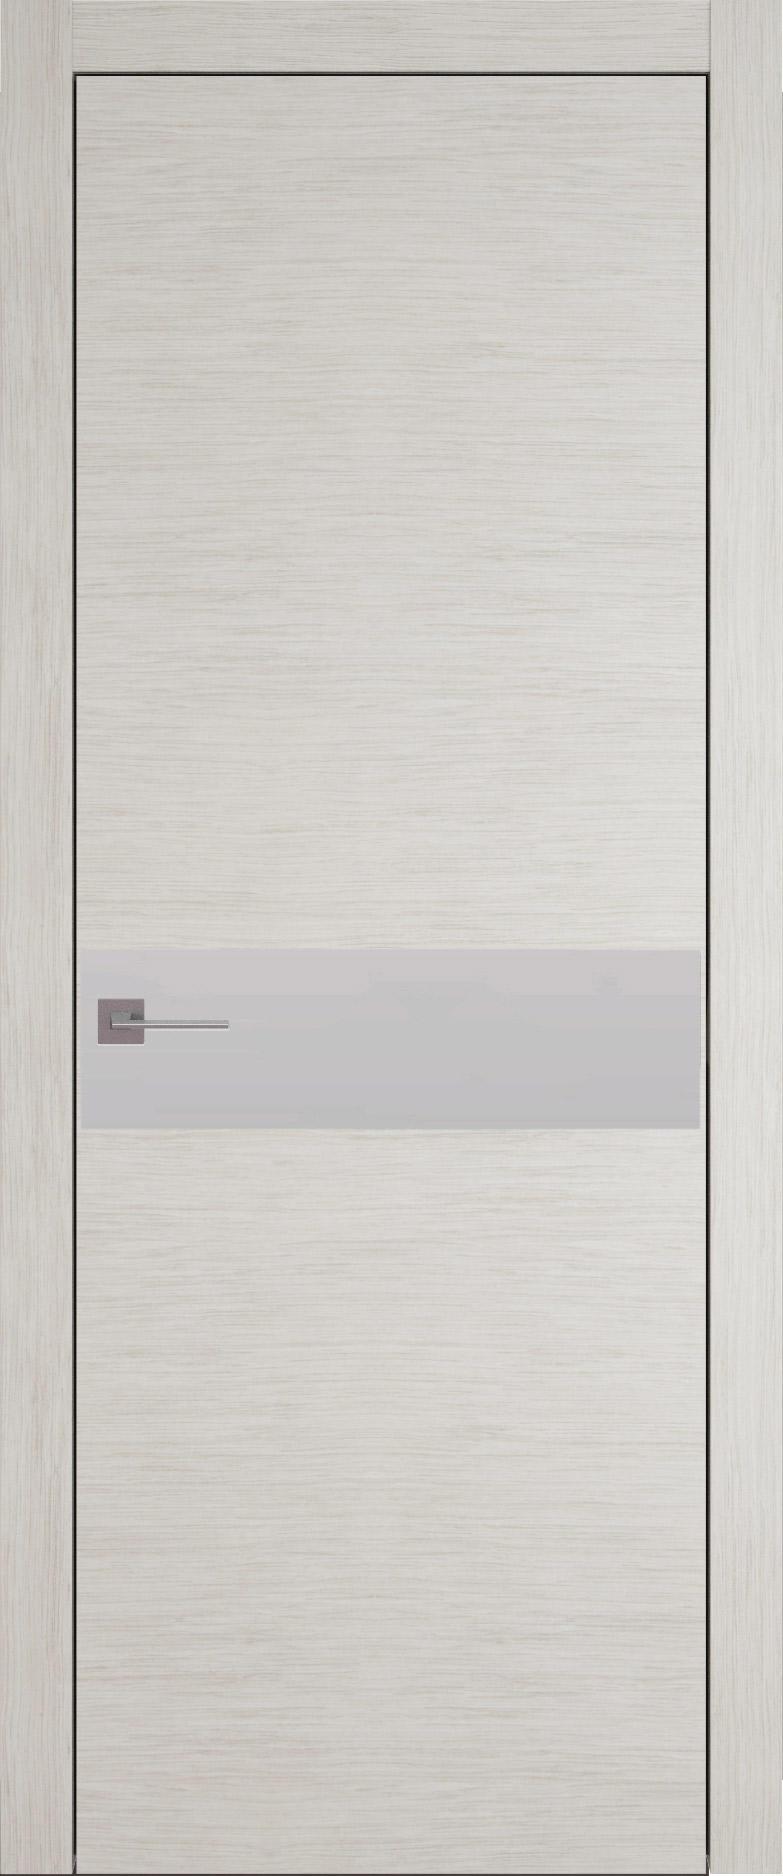 Tivoli И-4 цвет - Дымчатый дуб Без стекла (ДГ)